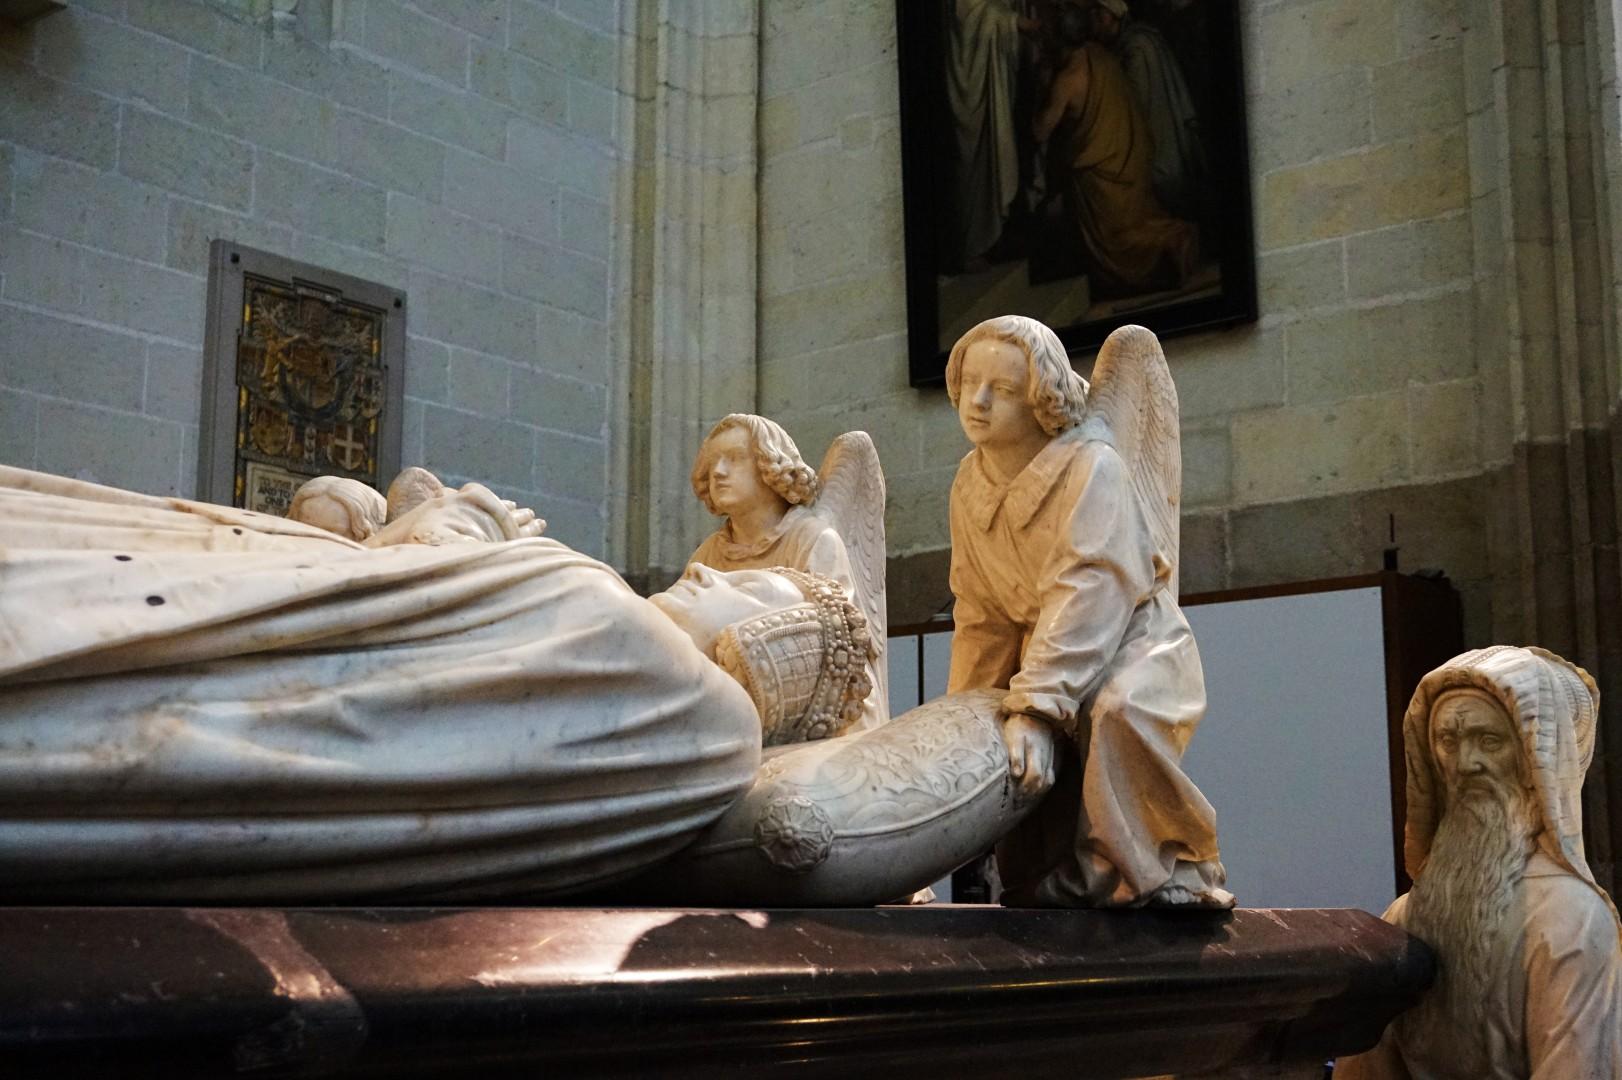 Un weekend à Nantes - Cathédrale Saint Pierre Saint Paul - Tombeau de François II et Marguerite de Foix)